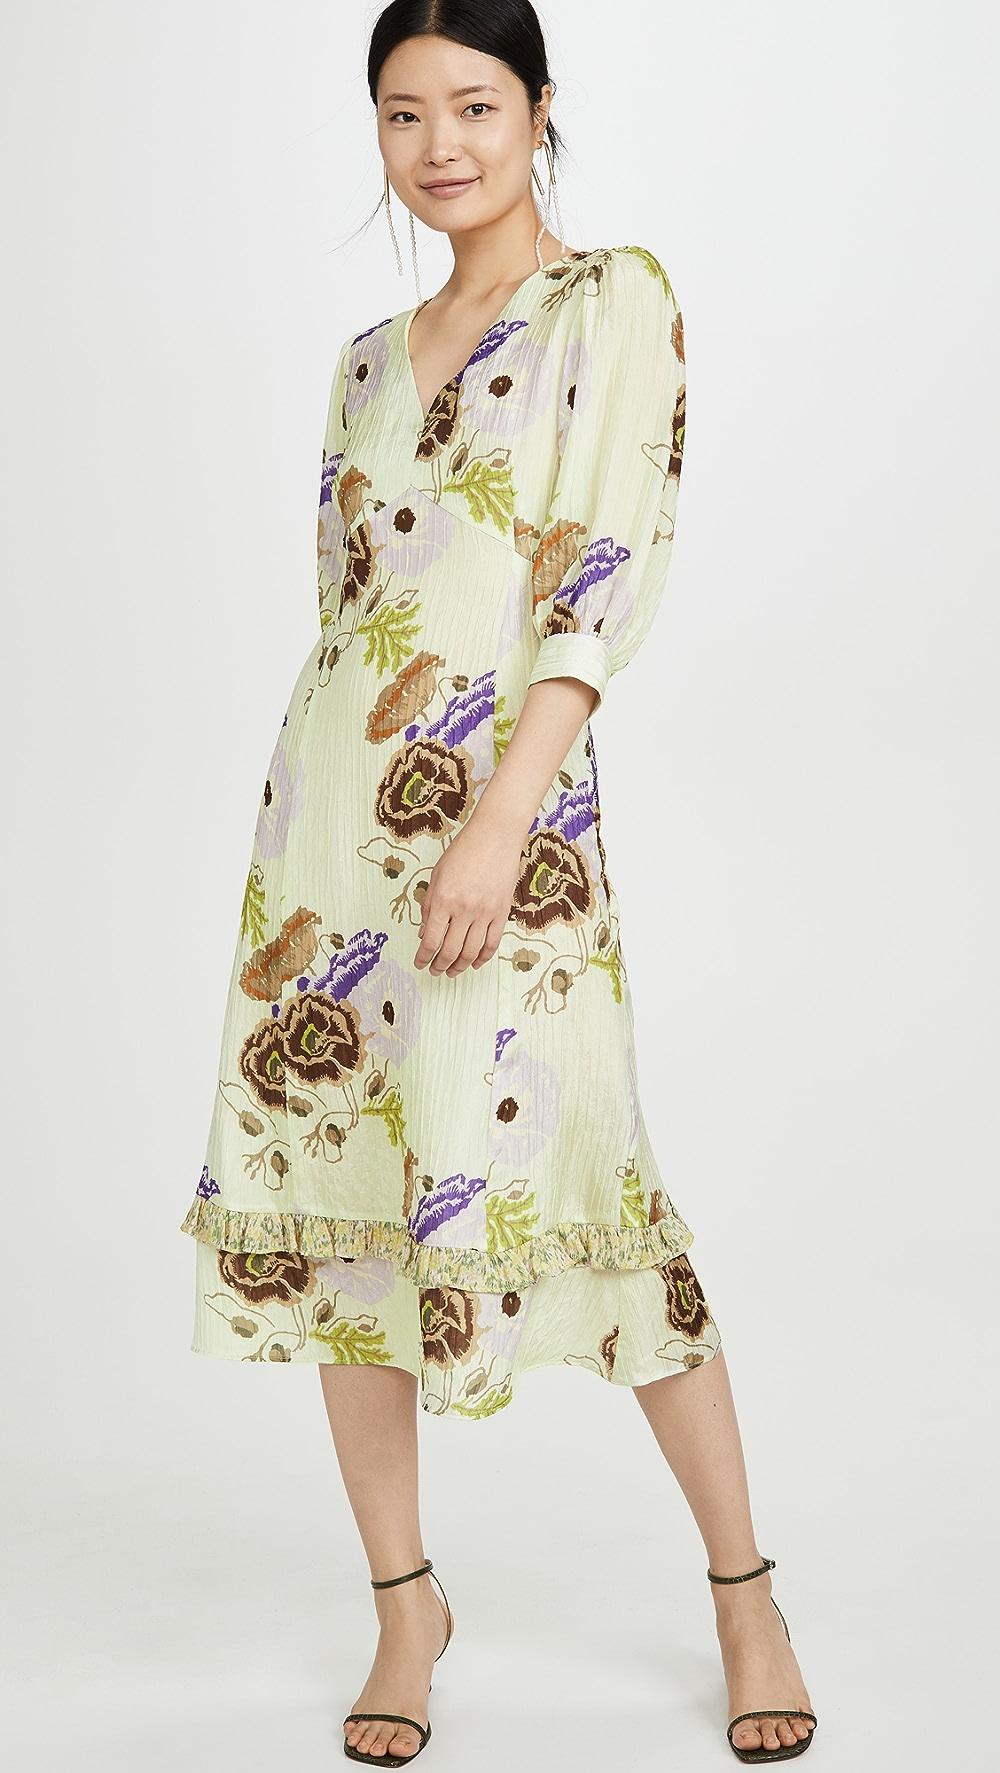 100% Quality No.6 - Astor Dress Excellent Quality